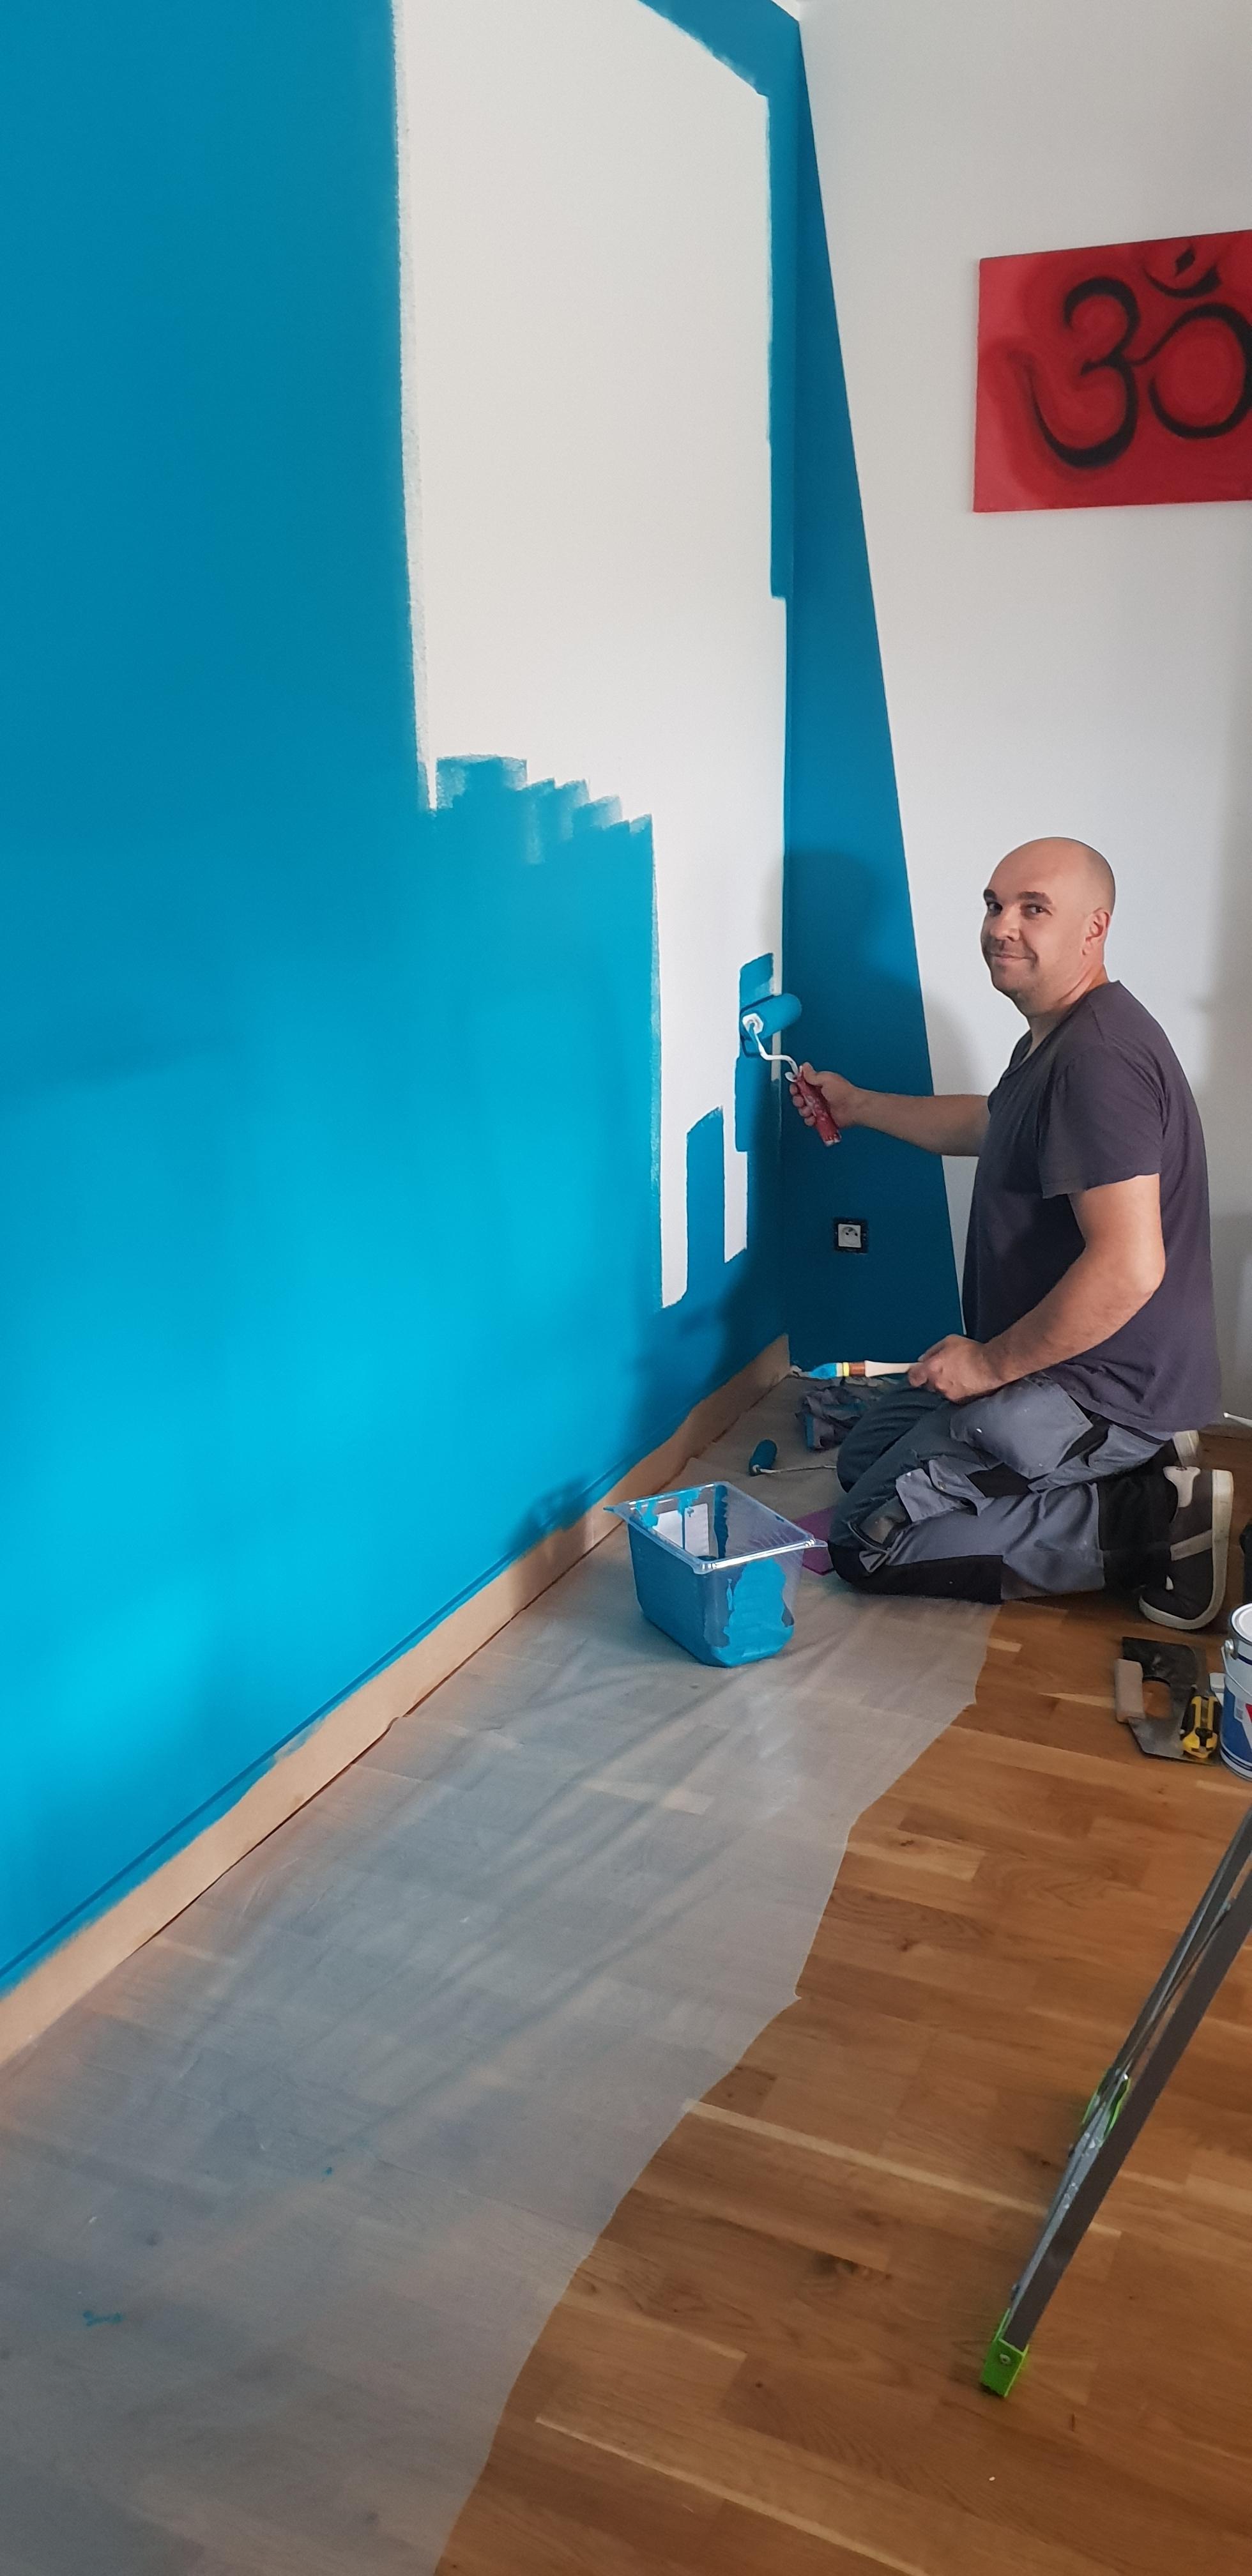 garoma rénovation - peinture intérieure